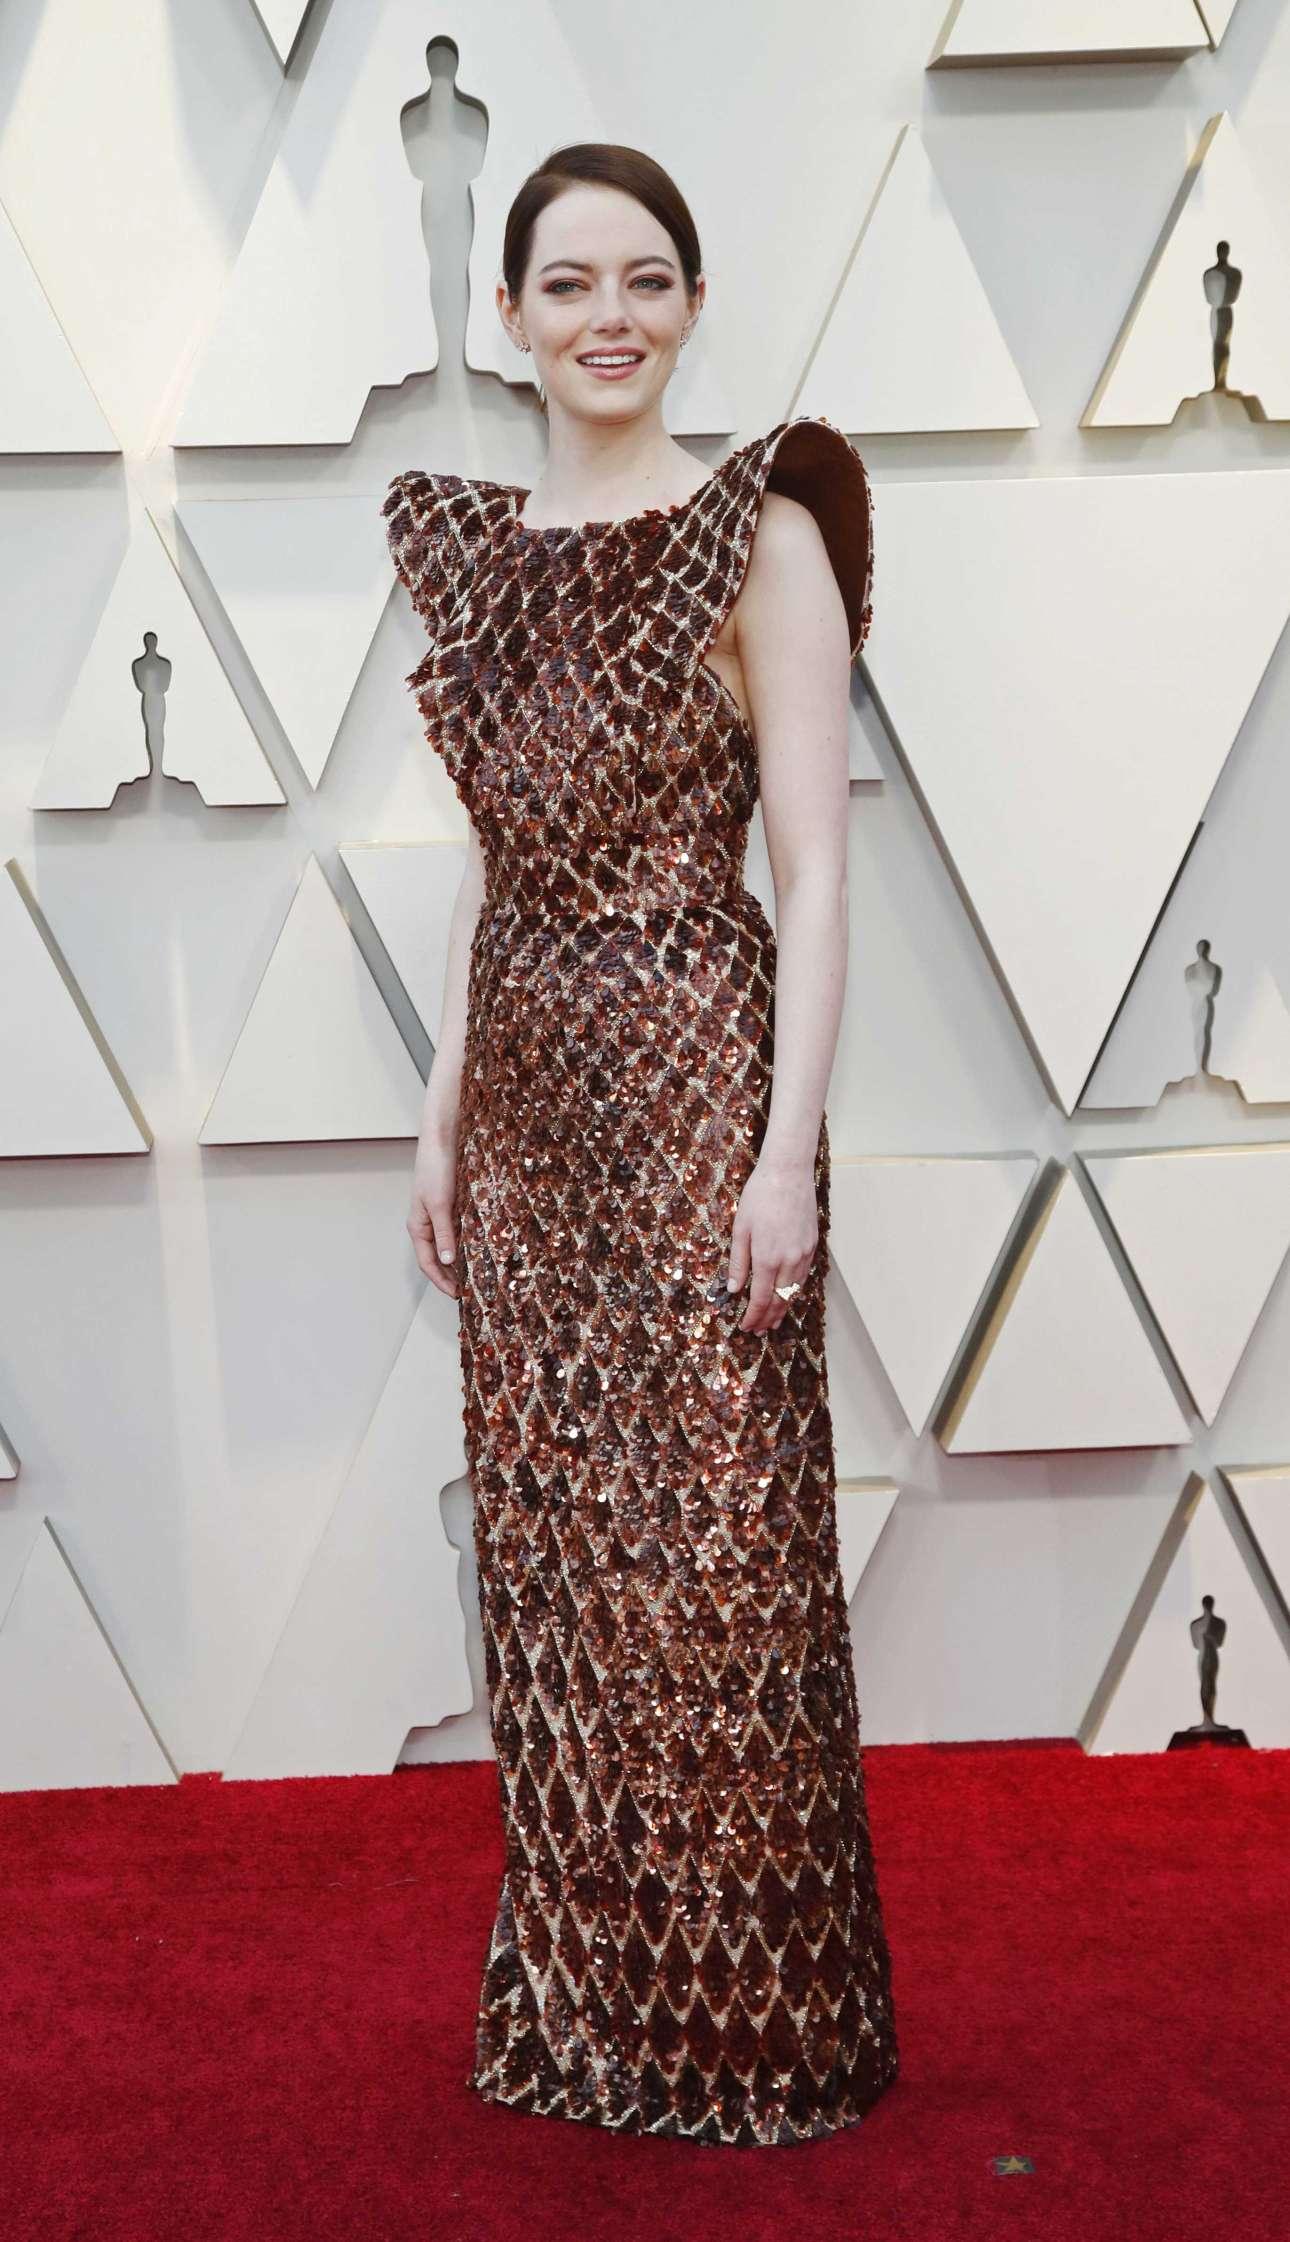 Η Εμα Στόουν, υποψήφια για Οσκαρ Β΄Γυναικείου ρόλου για την ταινία του Λάνθιμου «Η Ευνοούμενη», έμοιαζε με μπρούντζινο άγαλμα μέσα στη Louis Vuitton τουαλέτα της